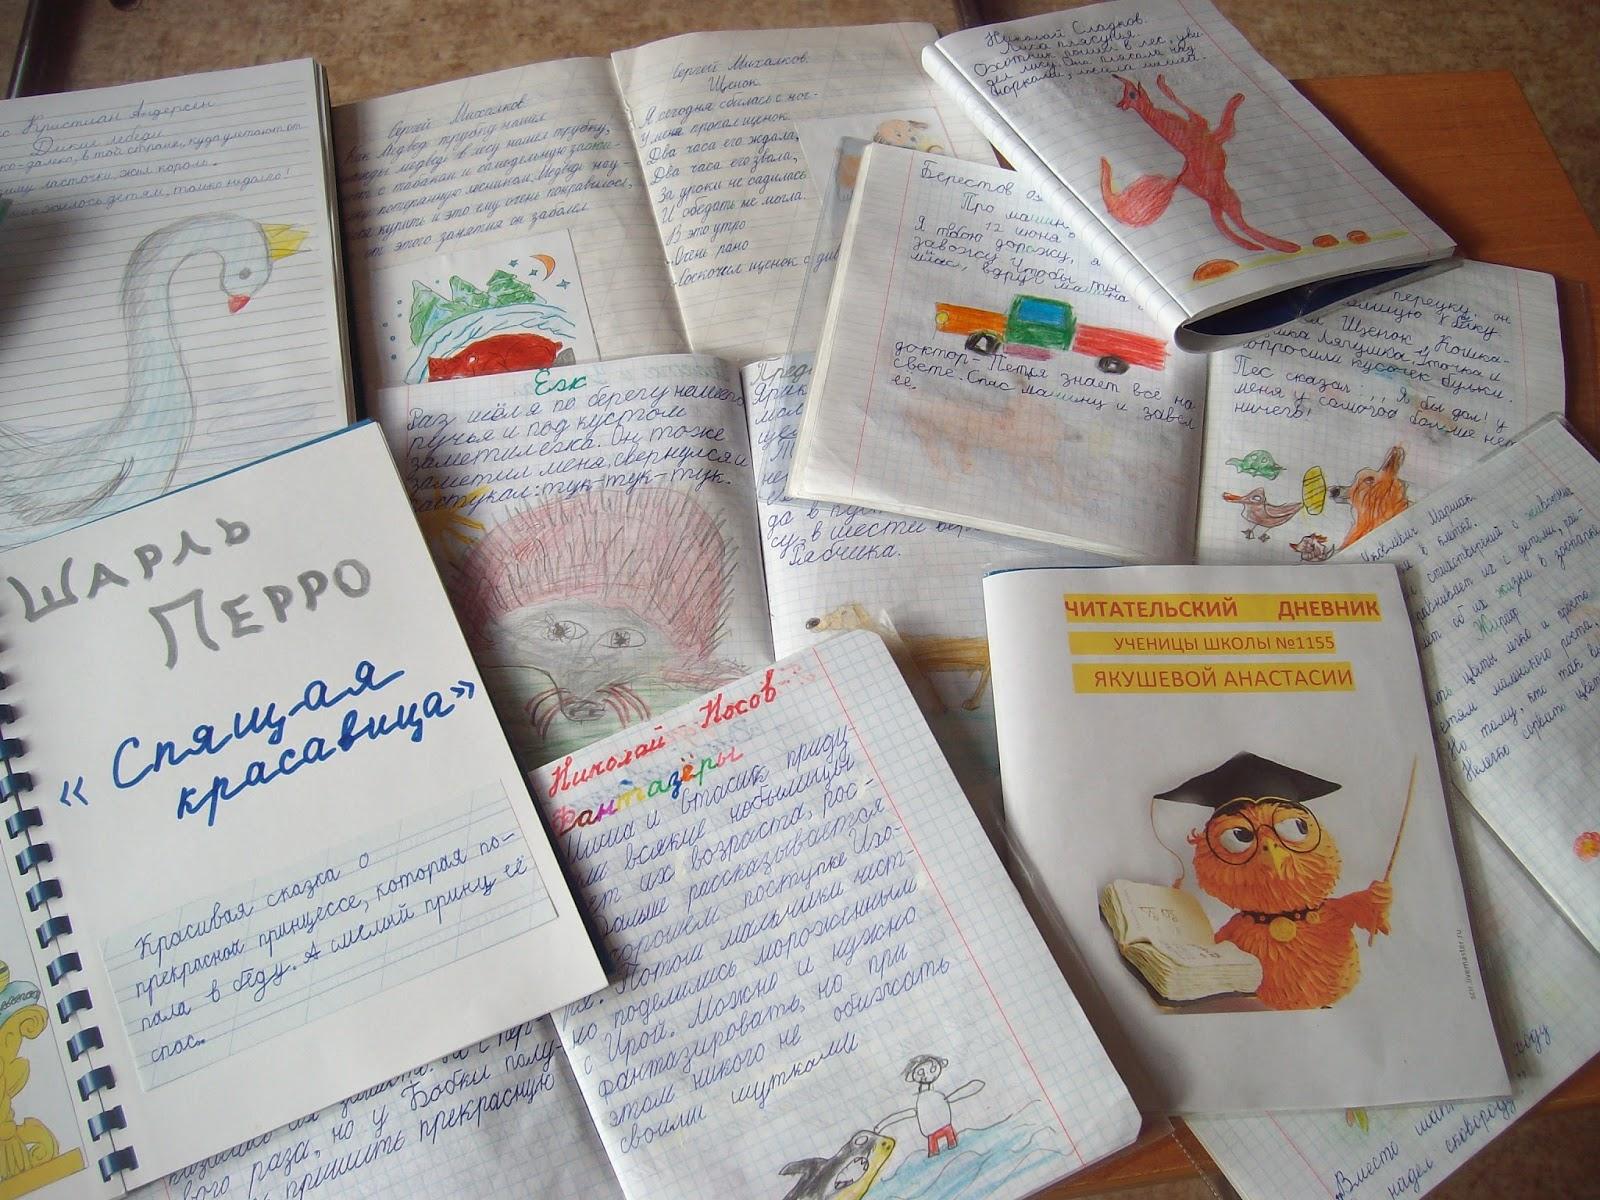 Как оформить обложку читательского дневника своими руками картинки 43